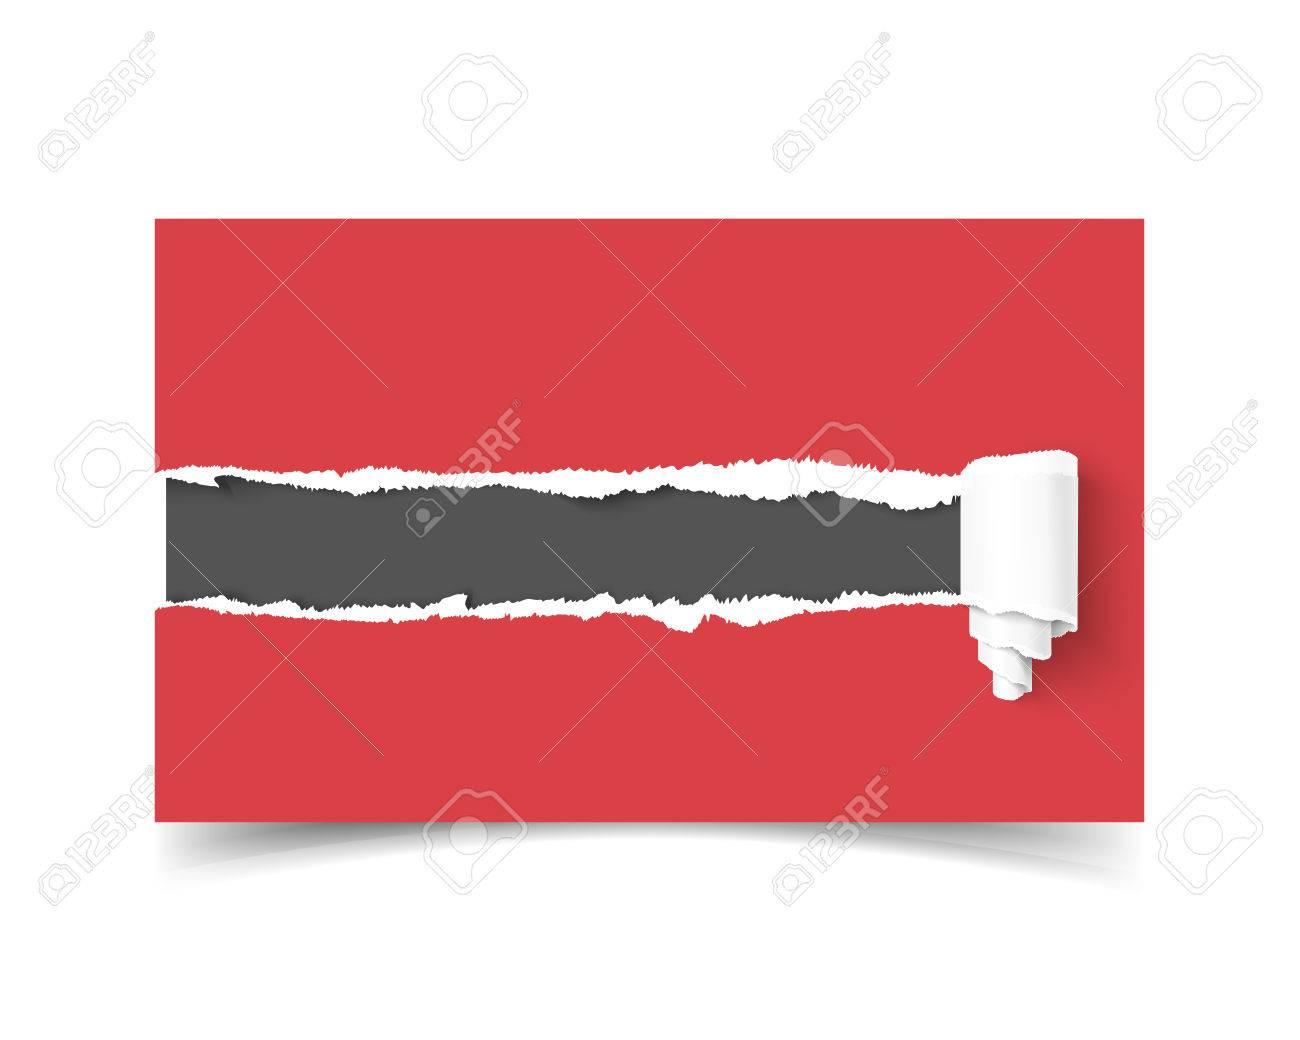 Realiste Carte De Visite Modele Vecteur Avec Le Trou Dans Papier Dechire Bords Et Rouleau Copyspace Sombre Pour Texte Isole Sur